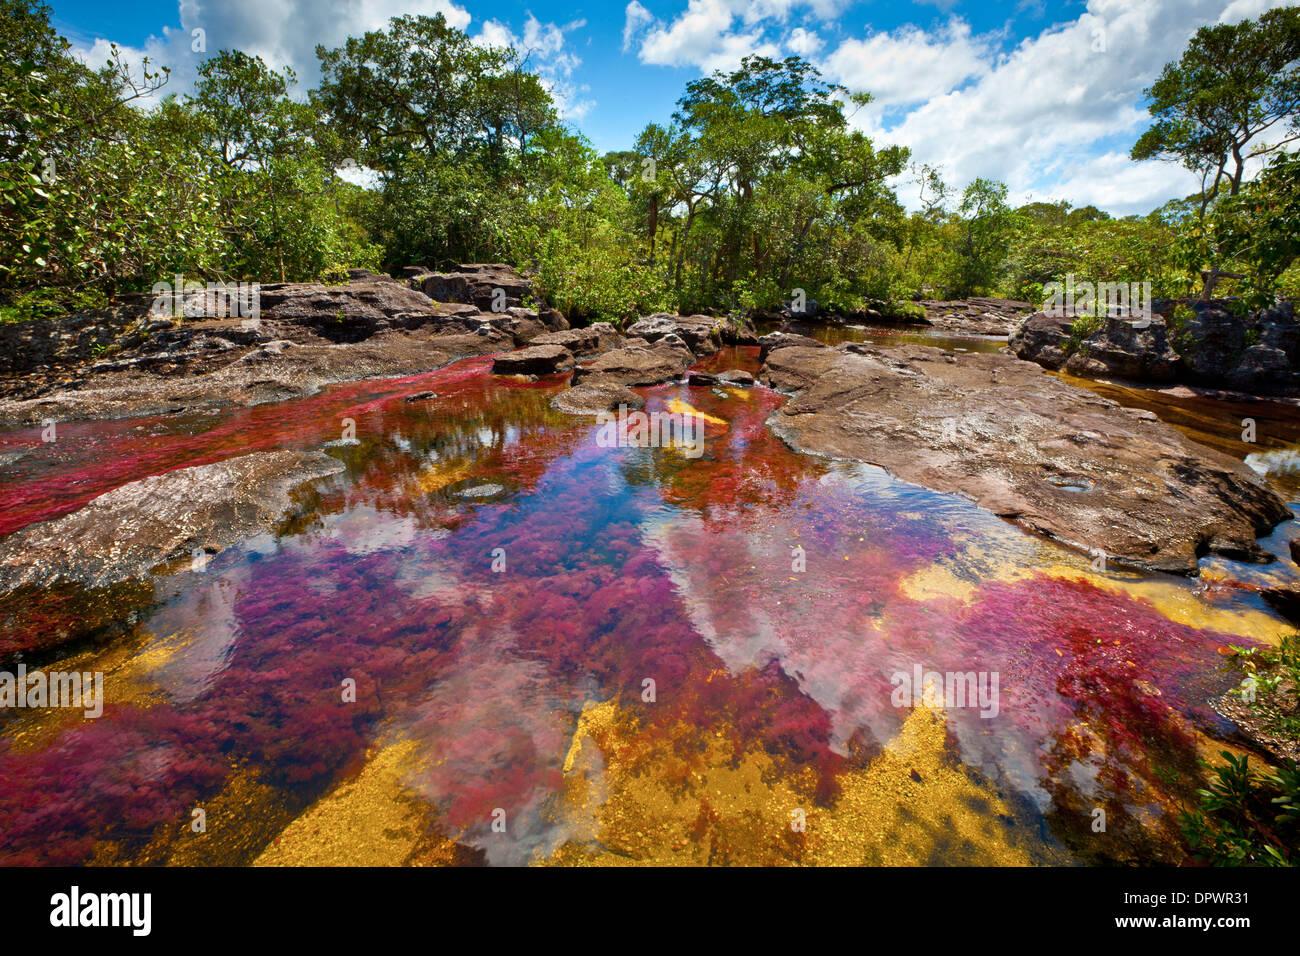 Colores a Cano Cristales, Colombia plantas submarinas (Macarenia clarigera) endémico de arroyo y área, zona del Llano Imagen De Stock